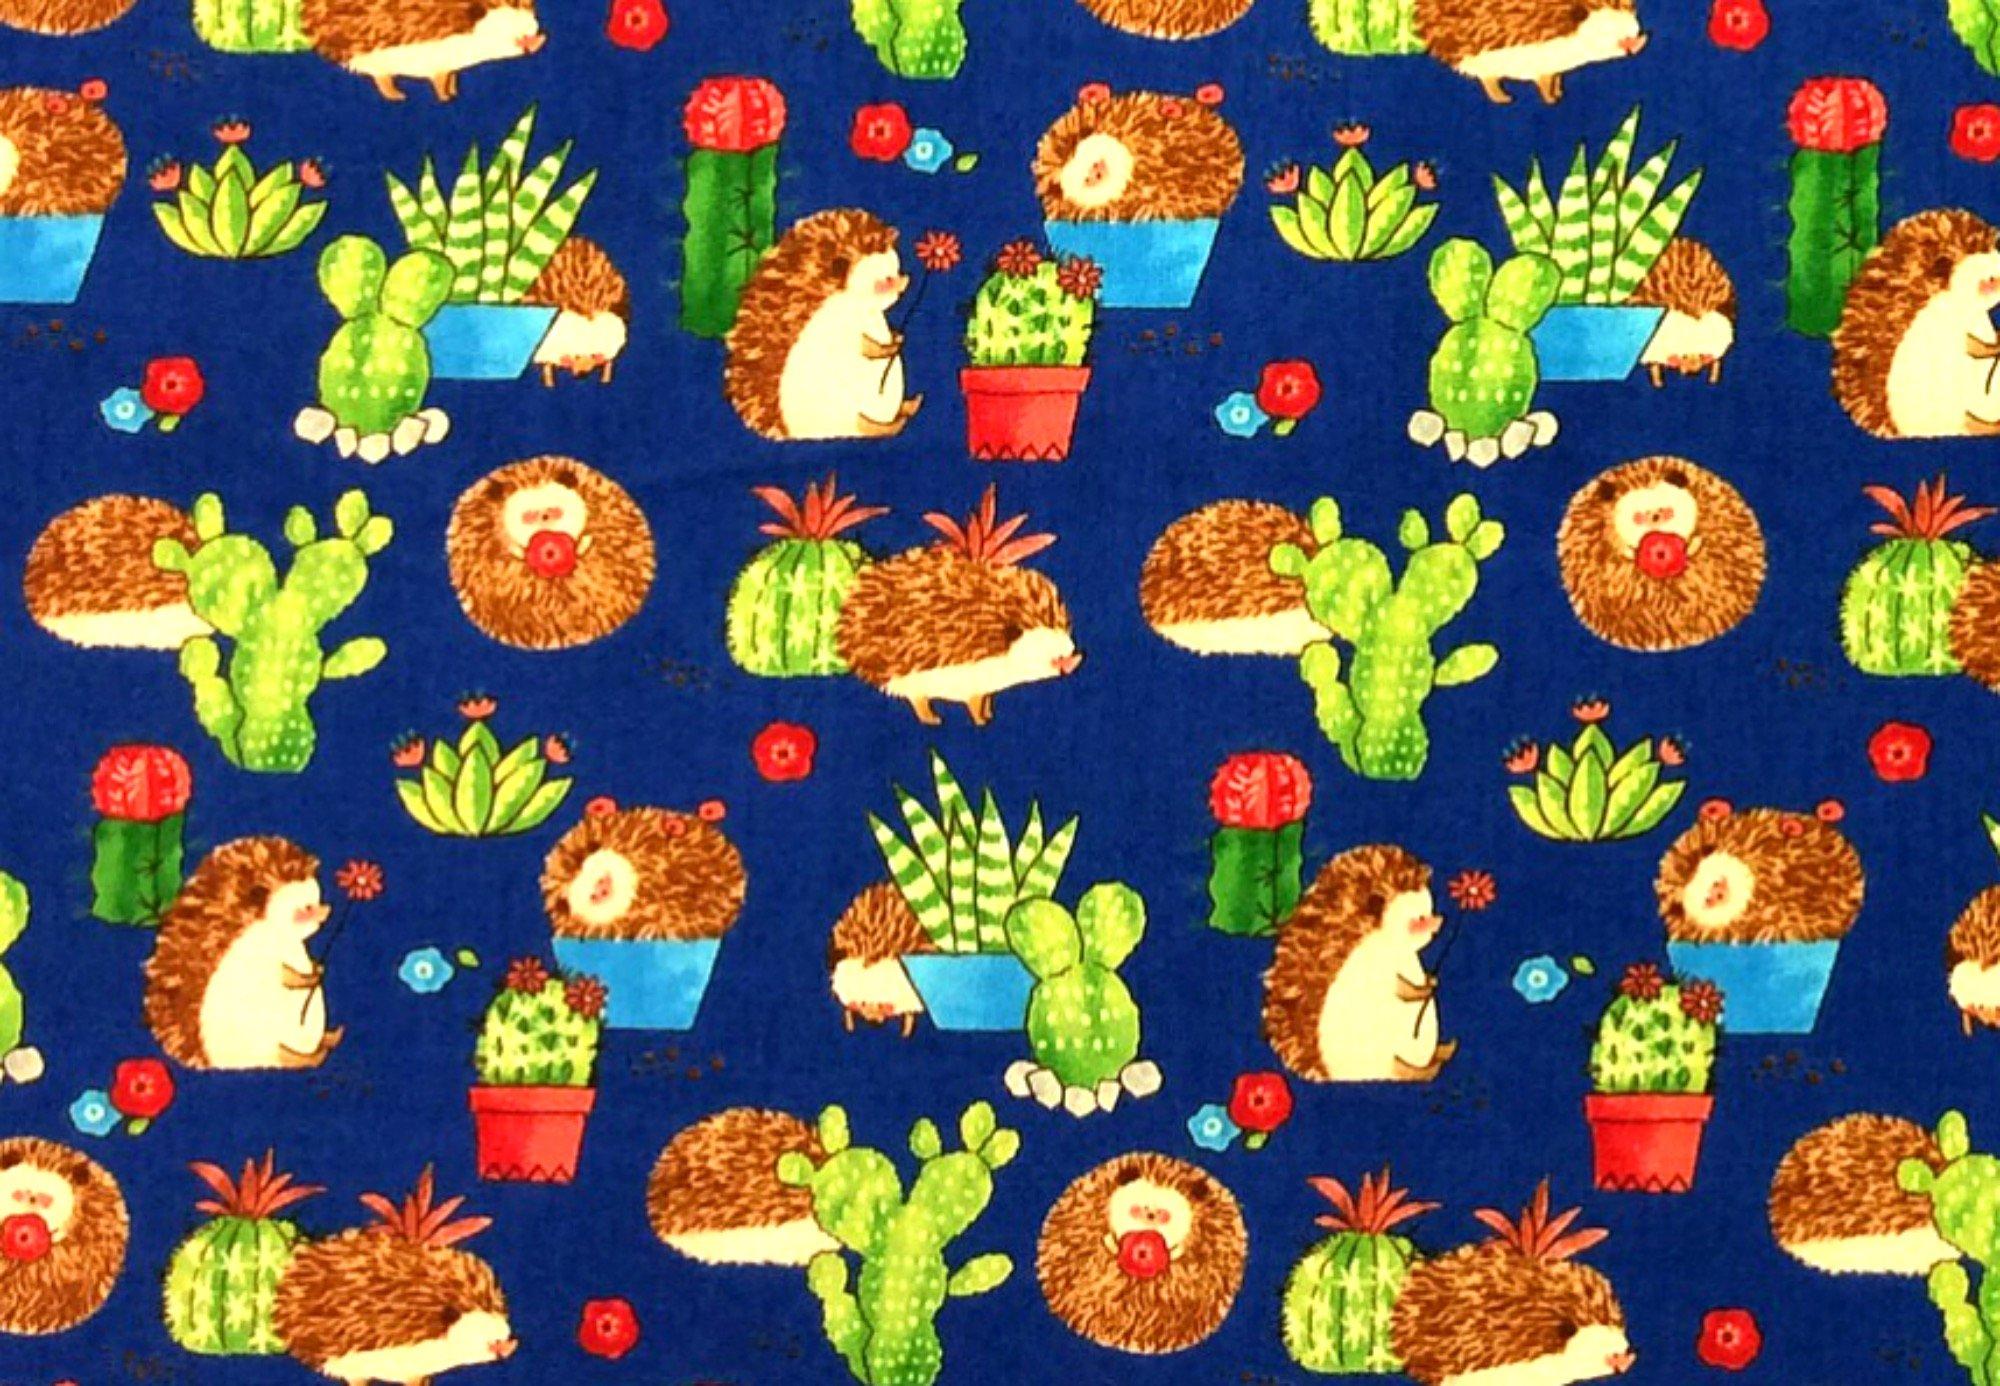 Japanese Asian Retro Cute Hedgehog Cactus Succulent Cotton Quilt Fabric QH38